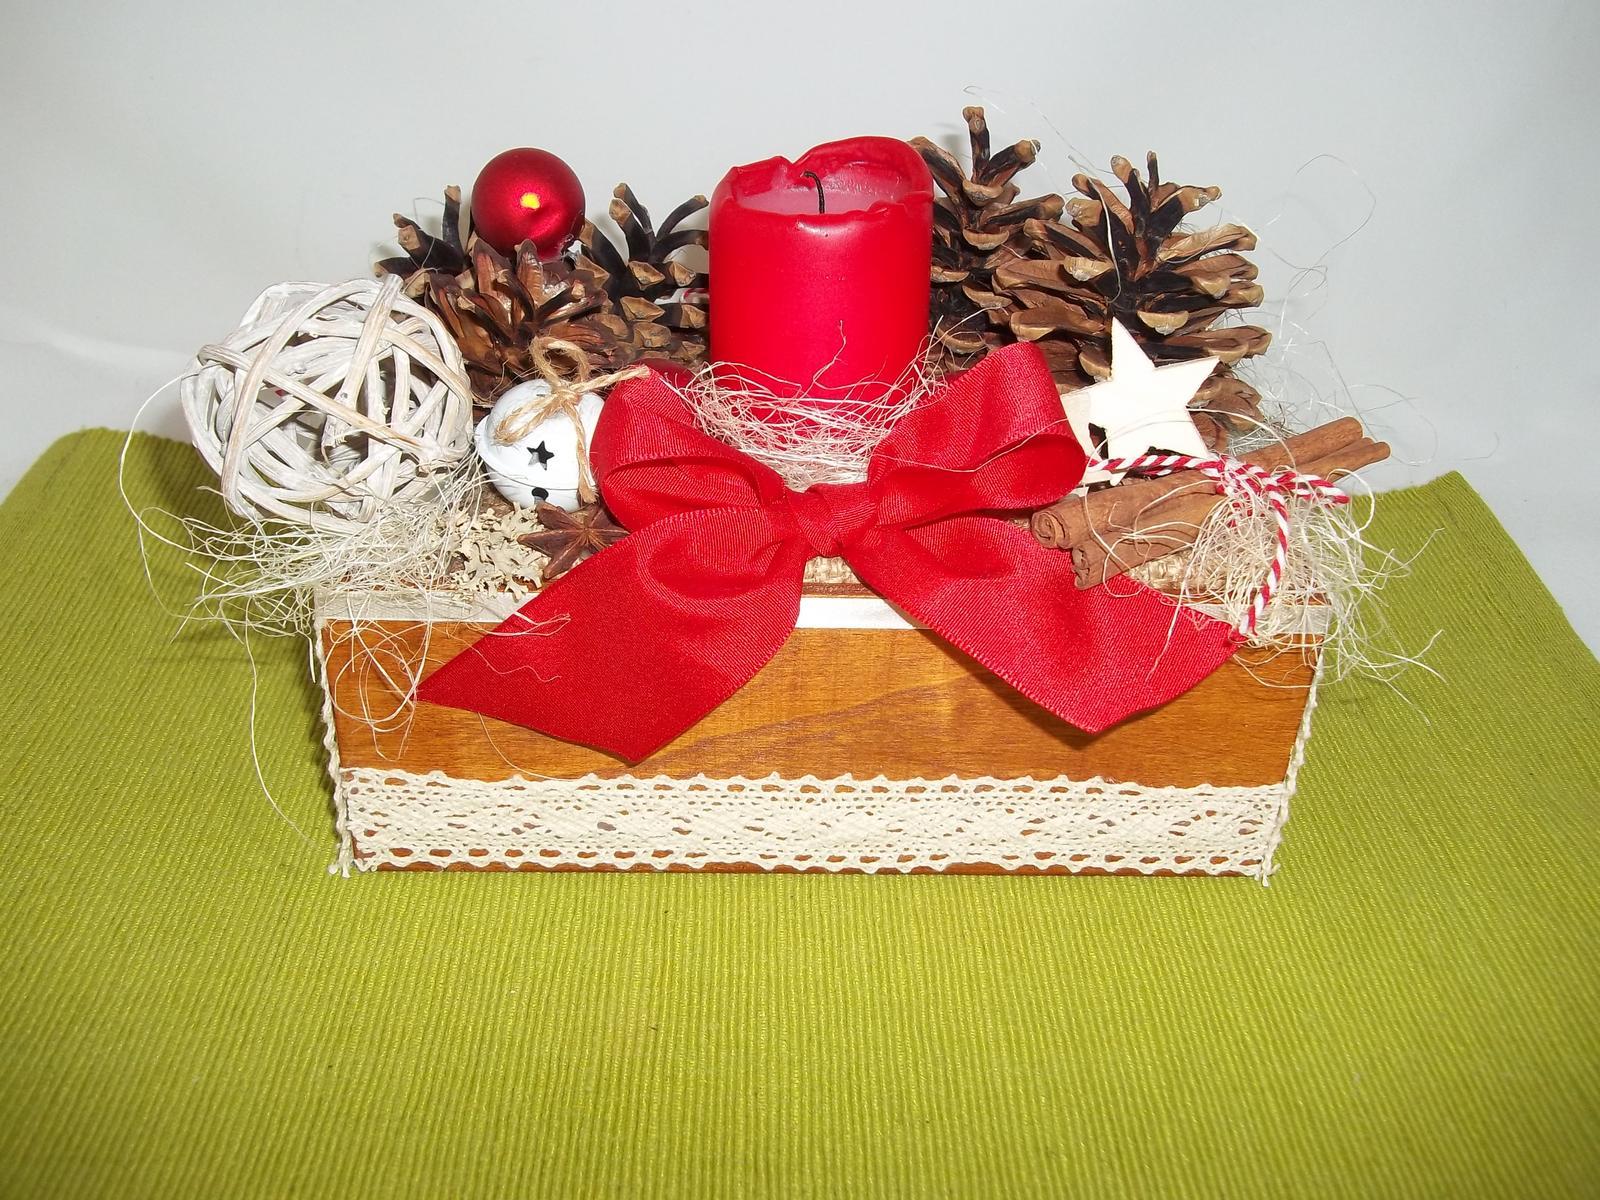 Vianočná dekorácia,cena je s poštovným - Obrázok č. 2